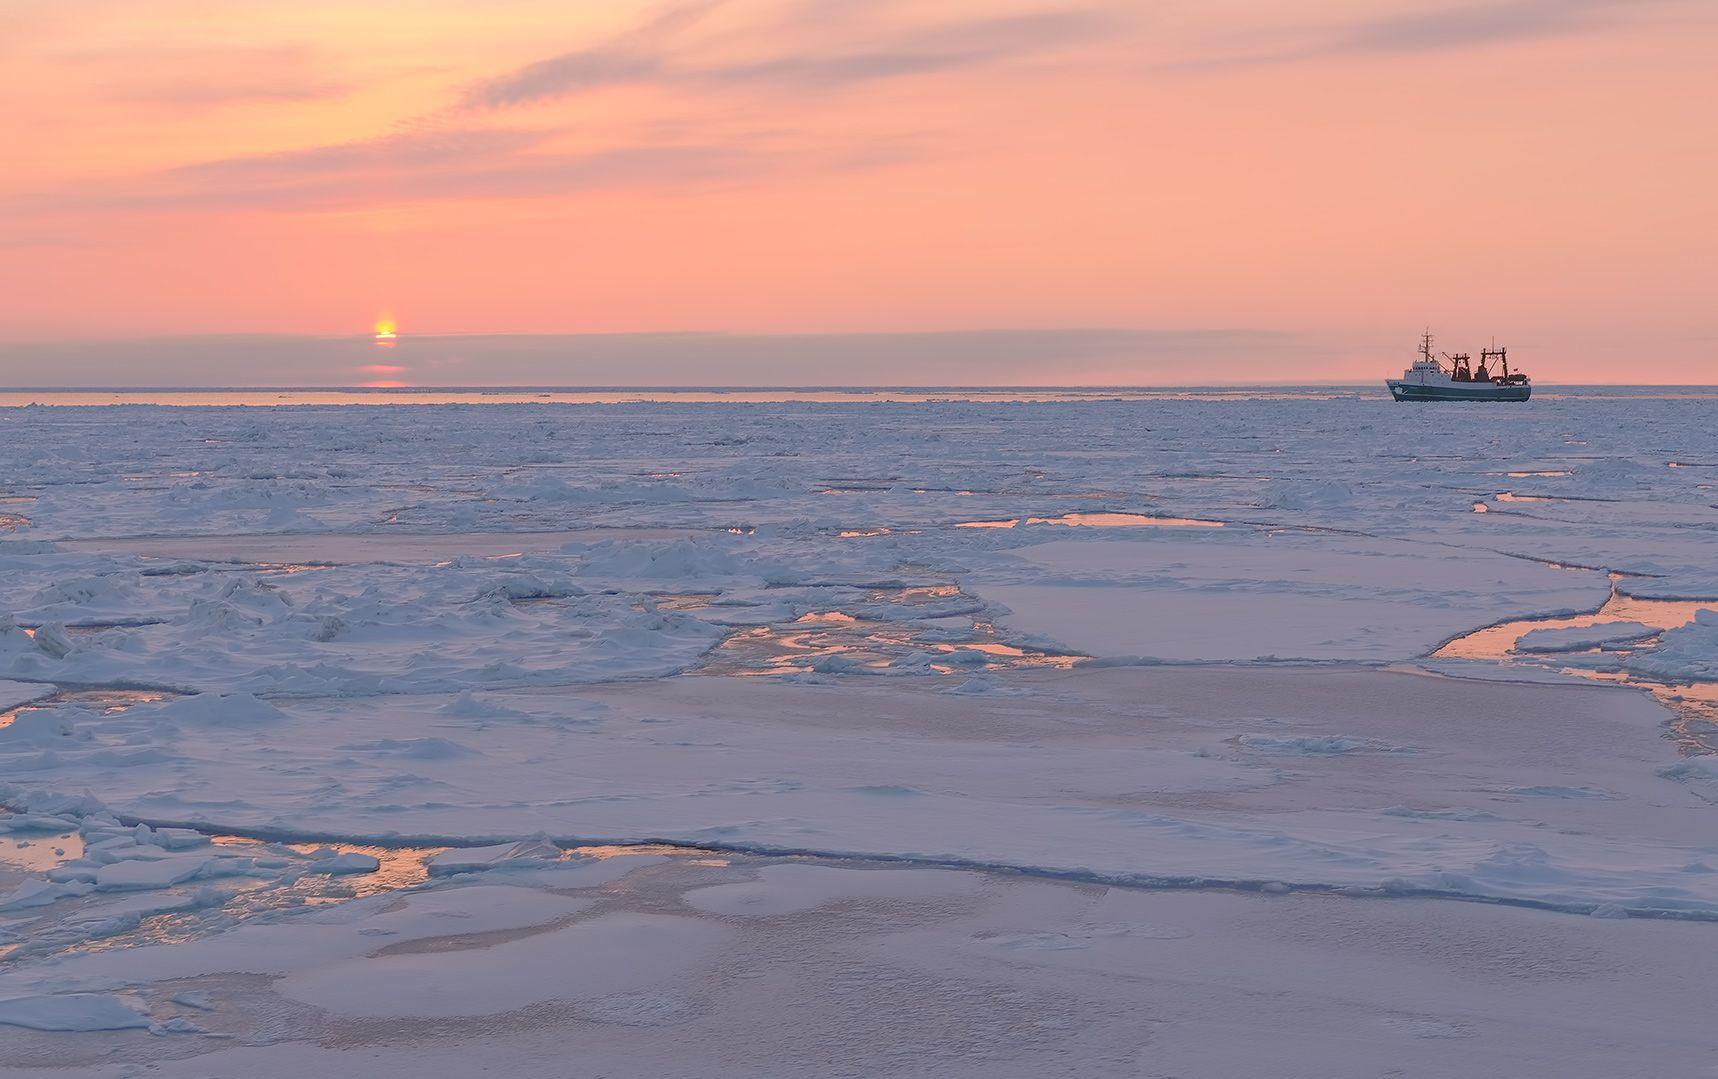 Sunset Ice вечер закат Охотское море судно льды